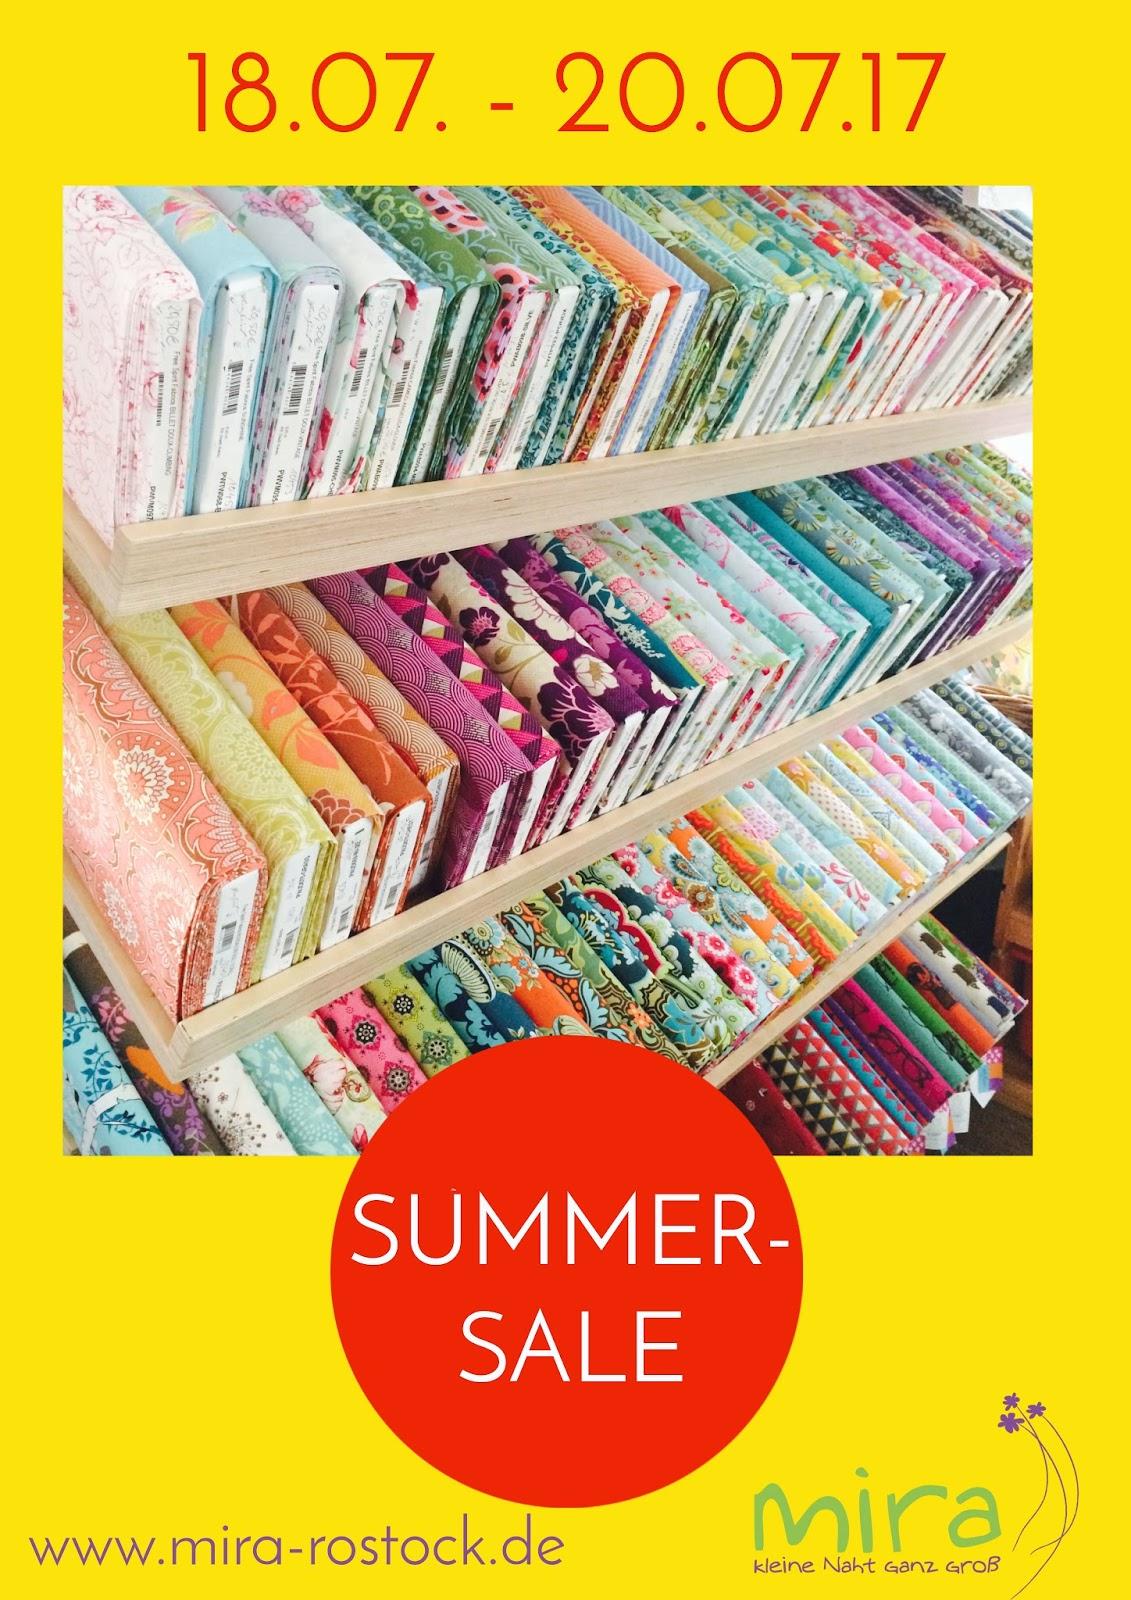 Stoff-Summer-Sale bei mira! 3 Tage lang 50% sparen!